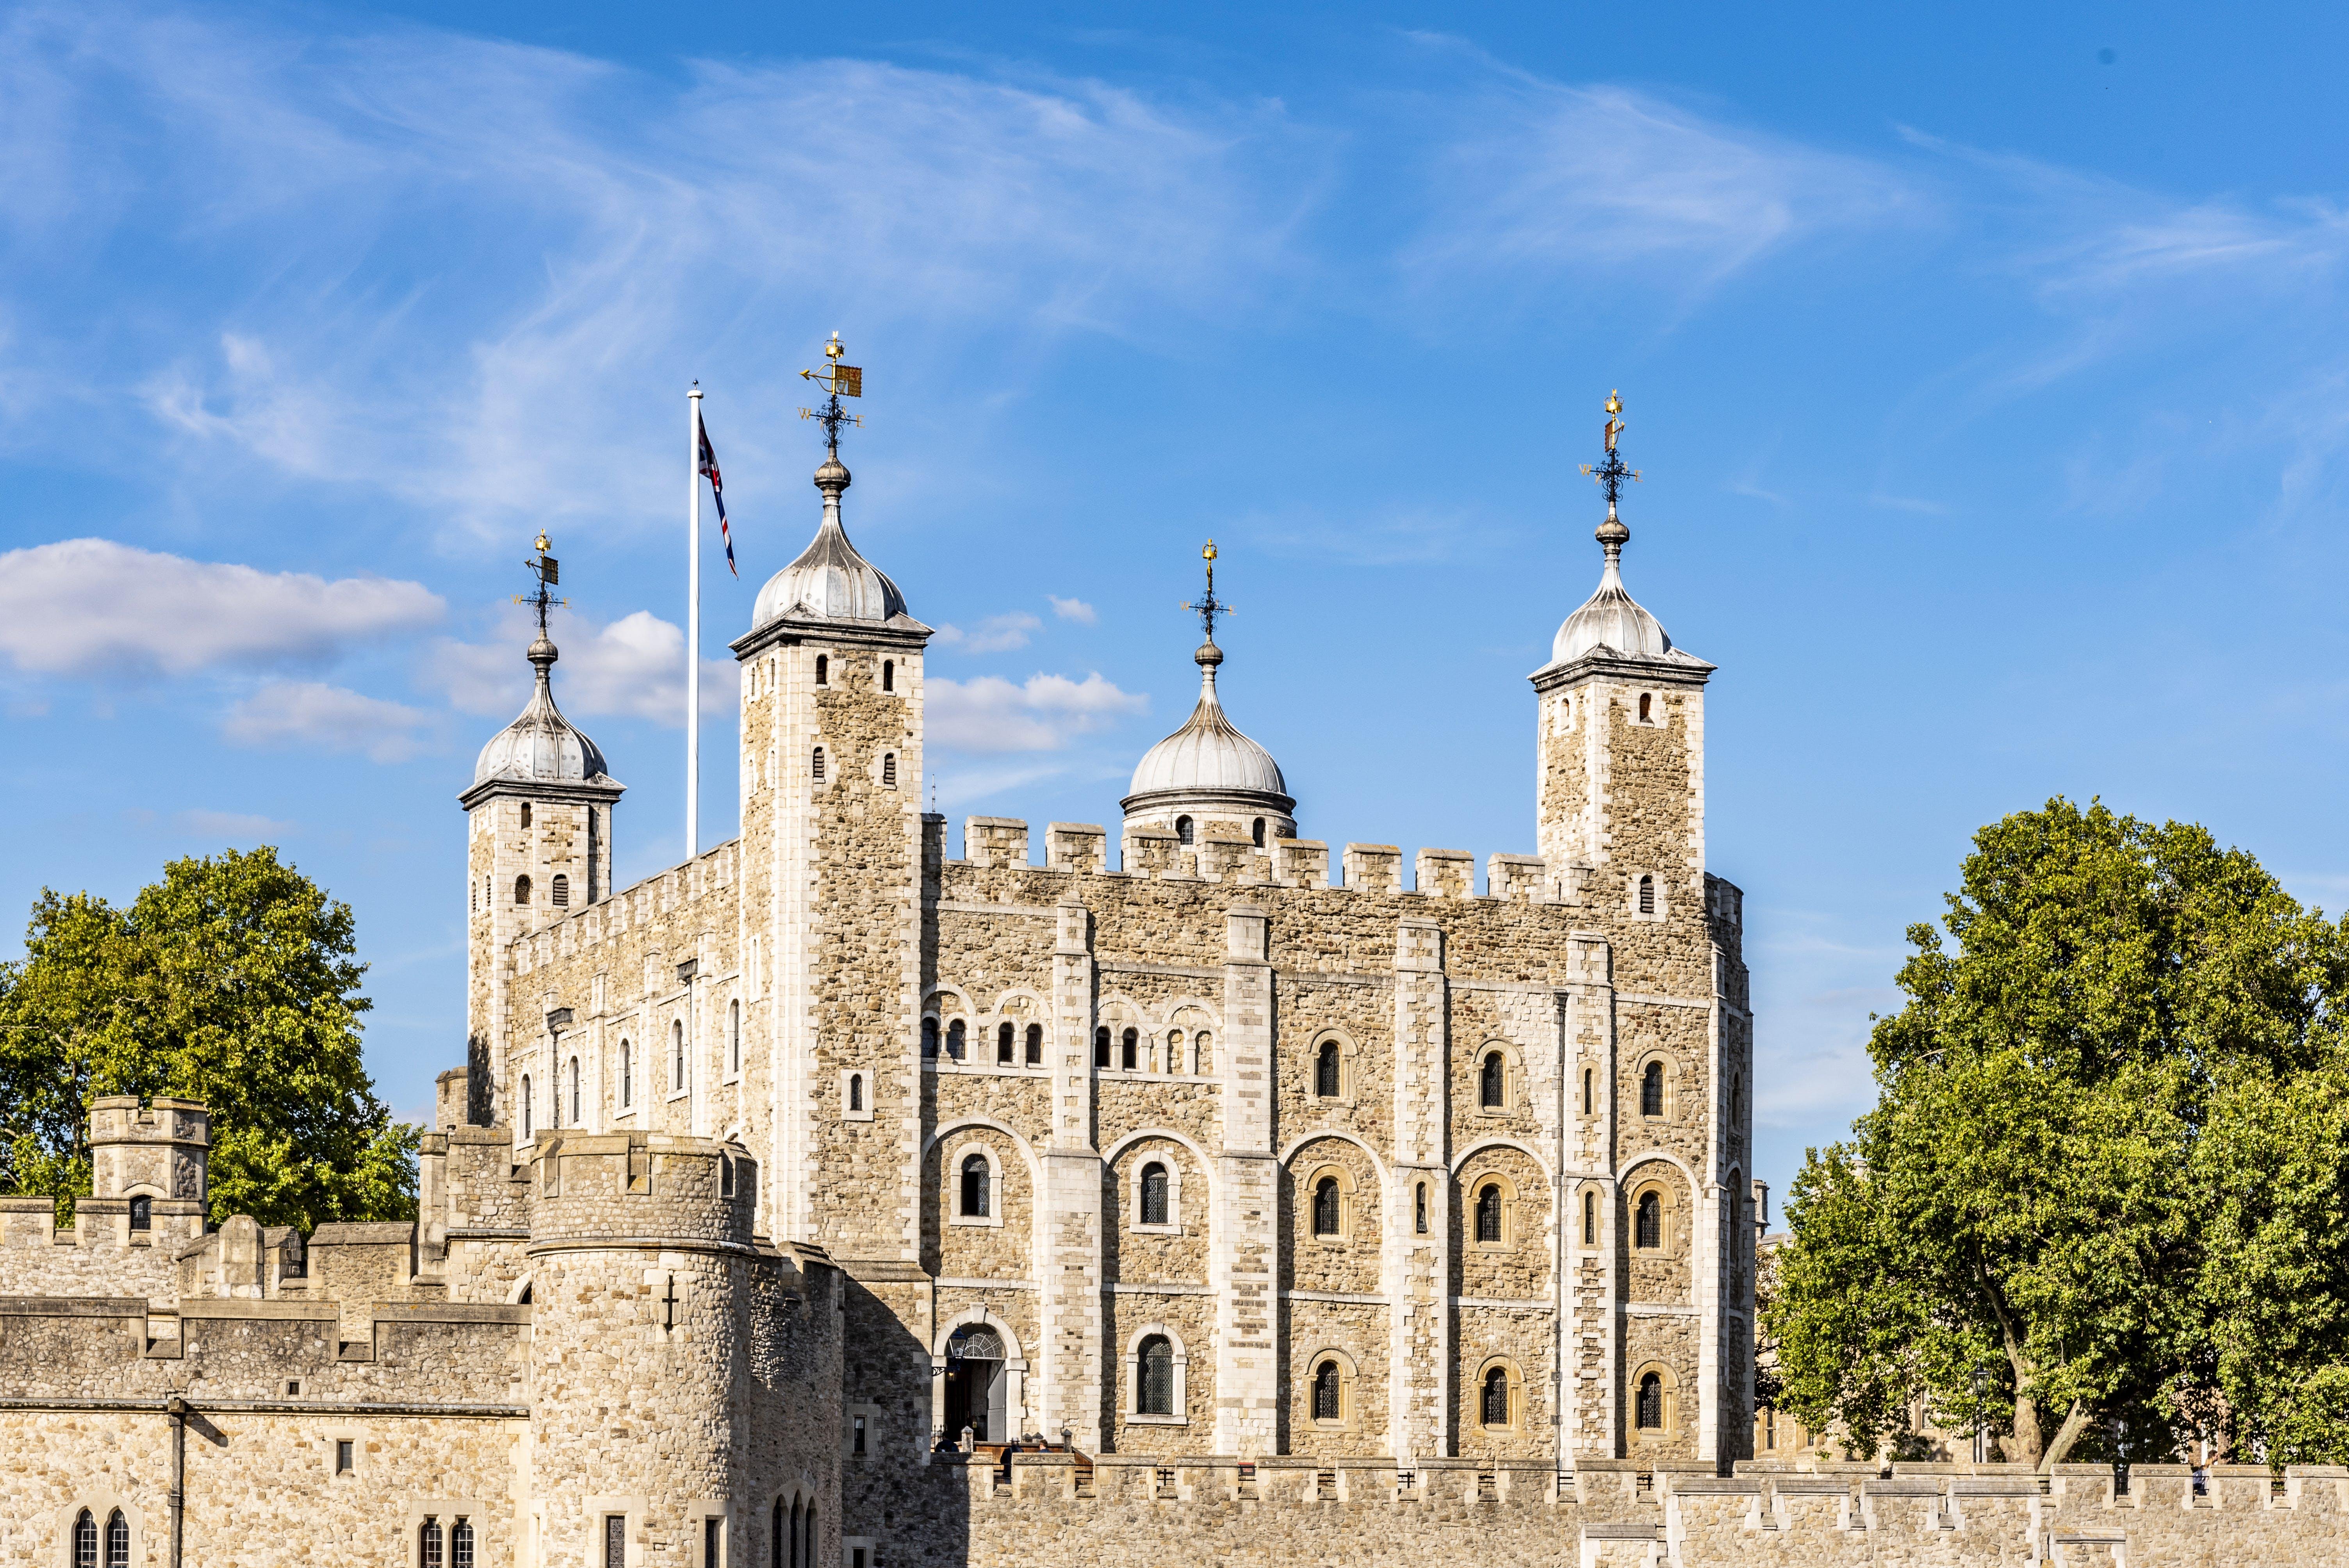 Δωρεάν στοκ φωτογραφιών με πύργος του λονδίνου